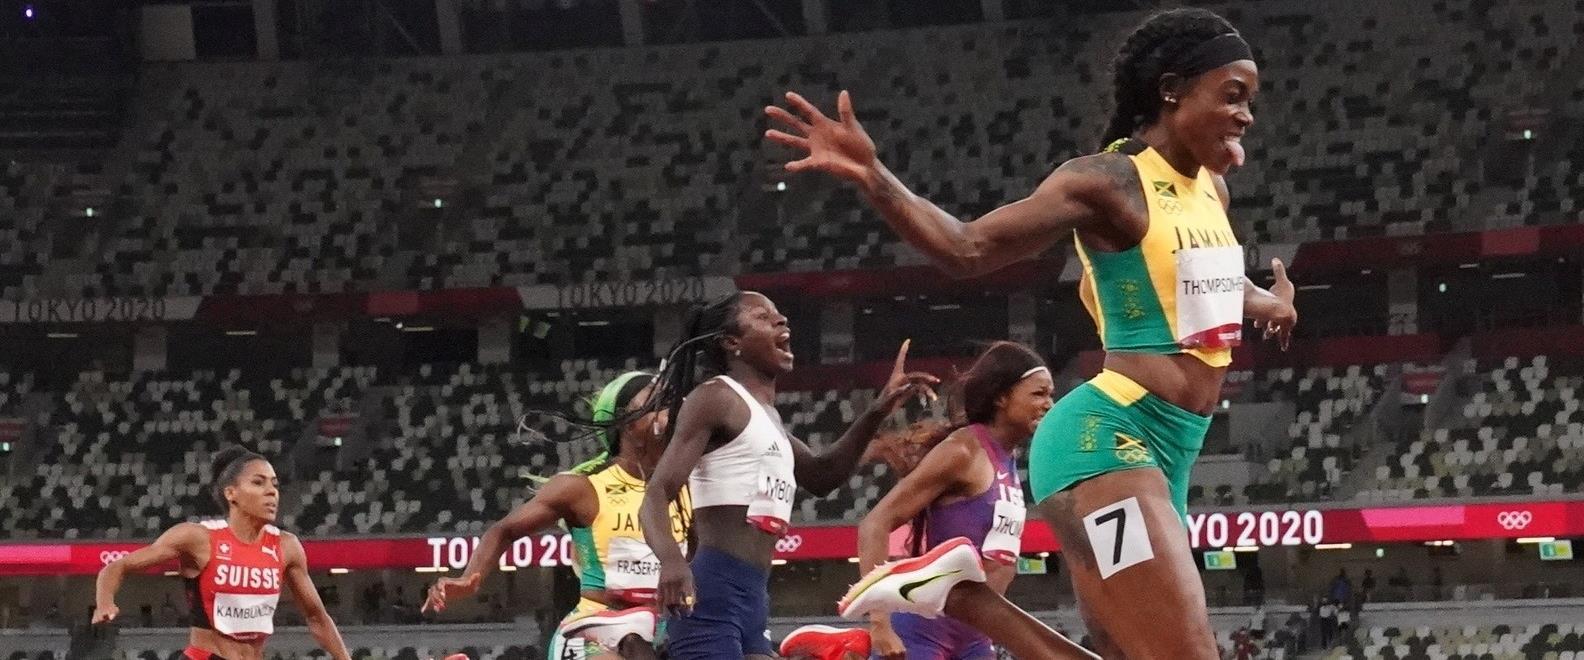 תומפסון הרה מנצחת במירוץ ה-200 מטר